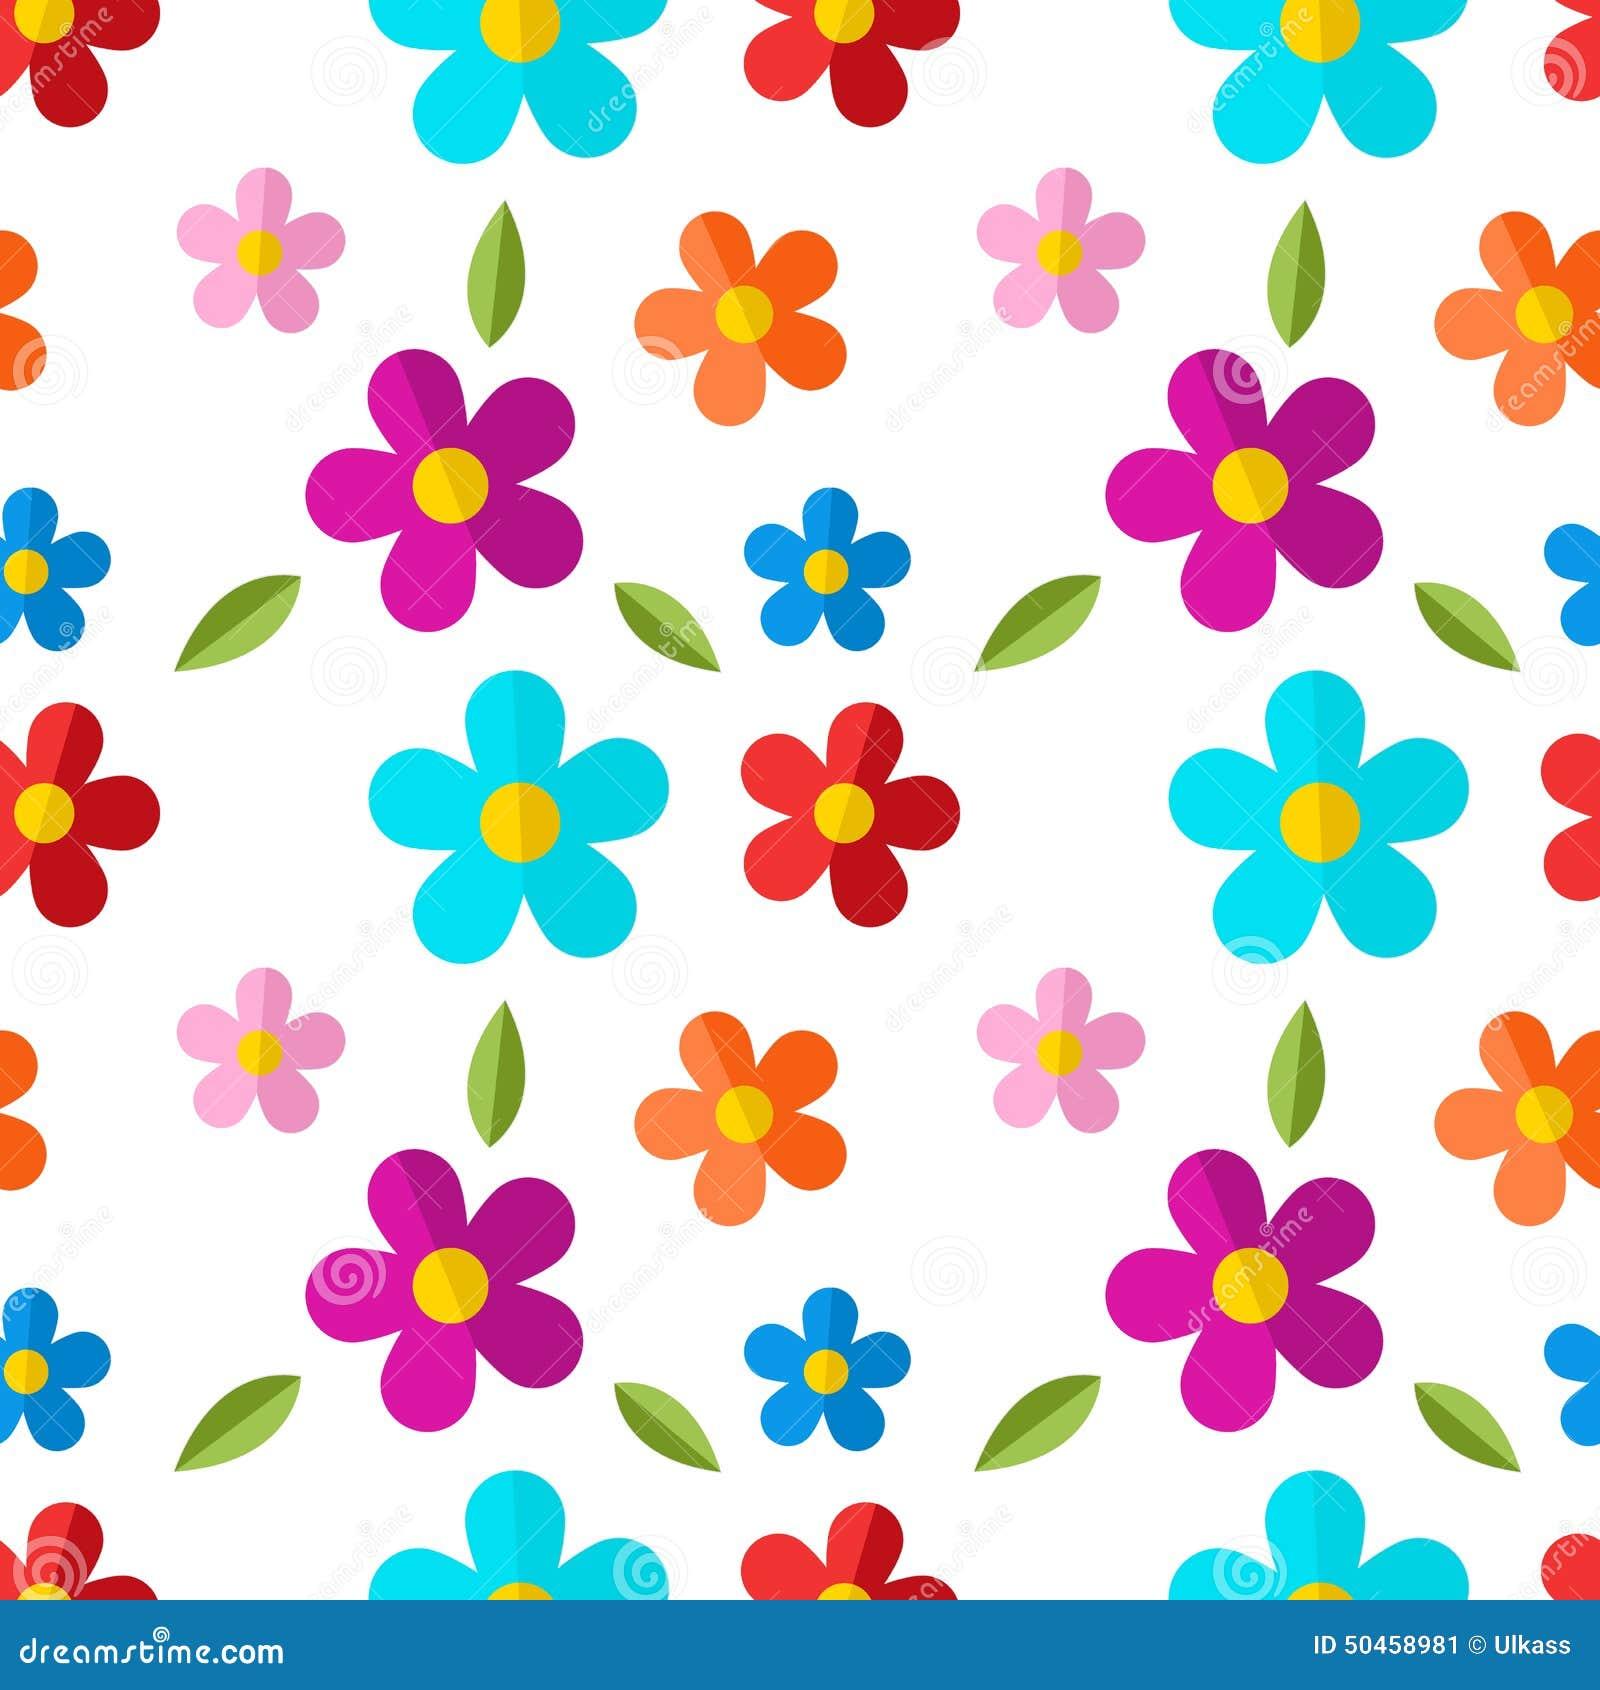 Fondos Con Flores De Colores